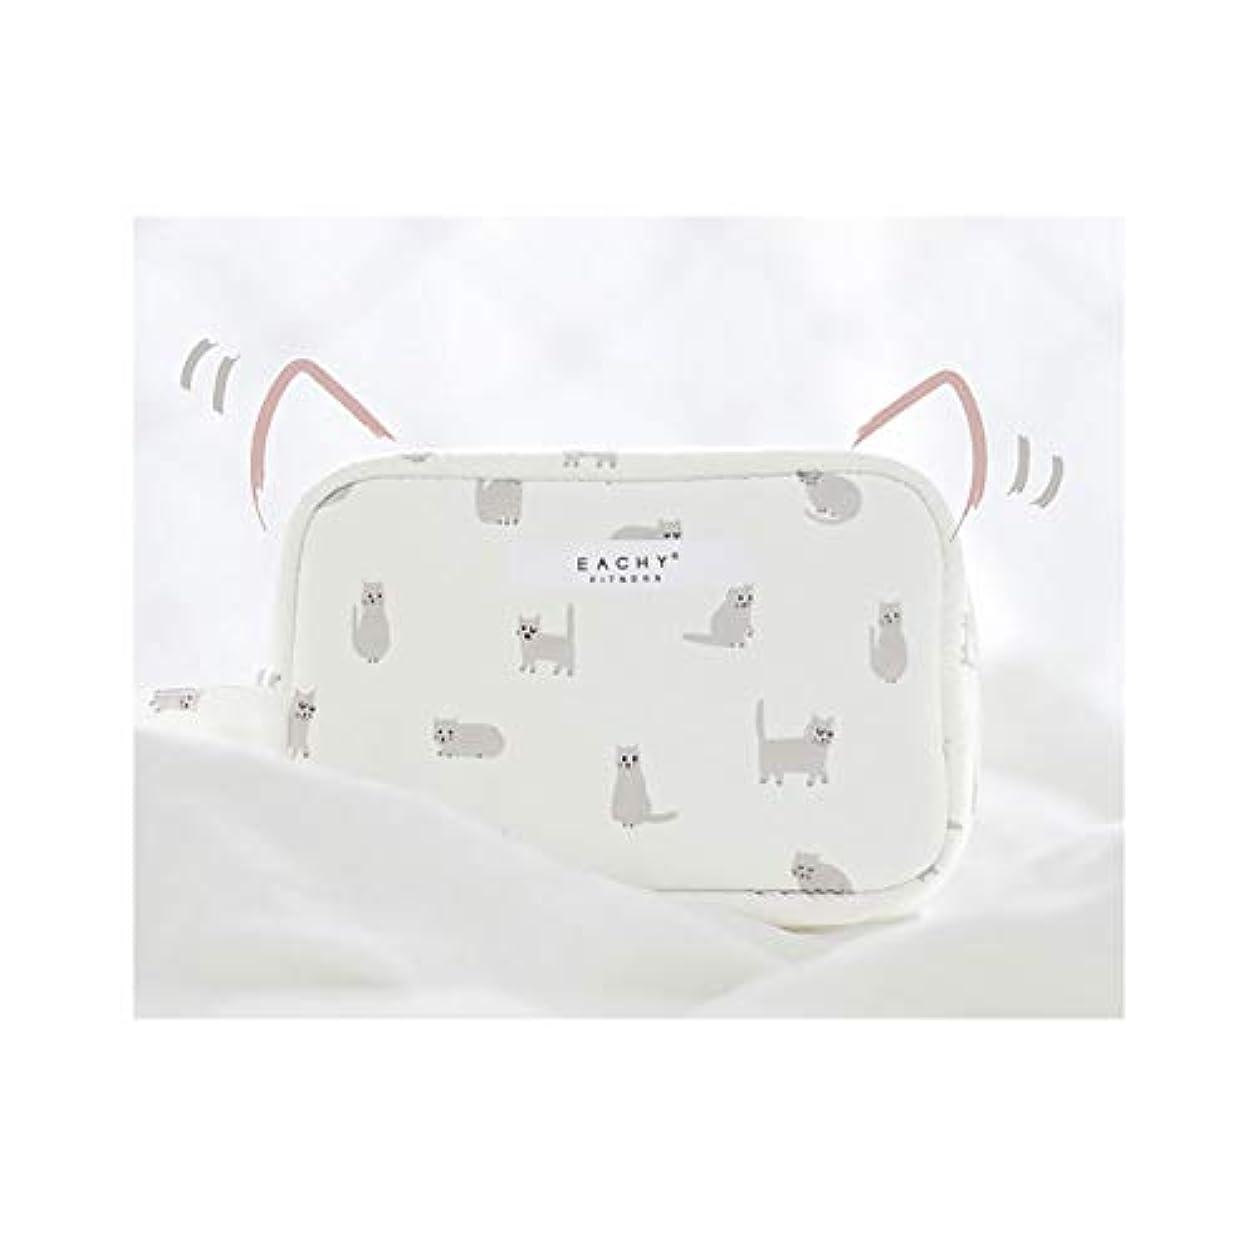 芸術的文字通り老人NEOVIVA 化粧ポーチ コスメポーチ メイク収納バッグ かわいい 軽量 防水 旅行小物ポーチ 猫 ホワイト S